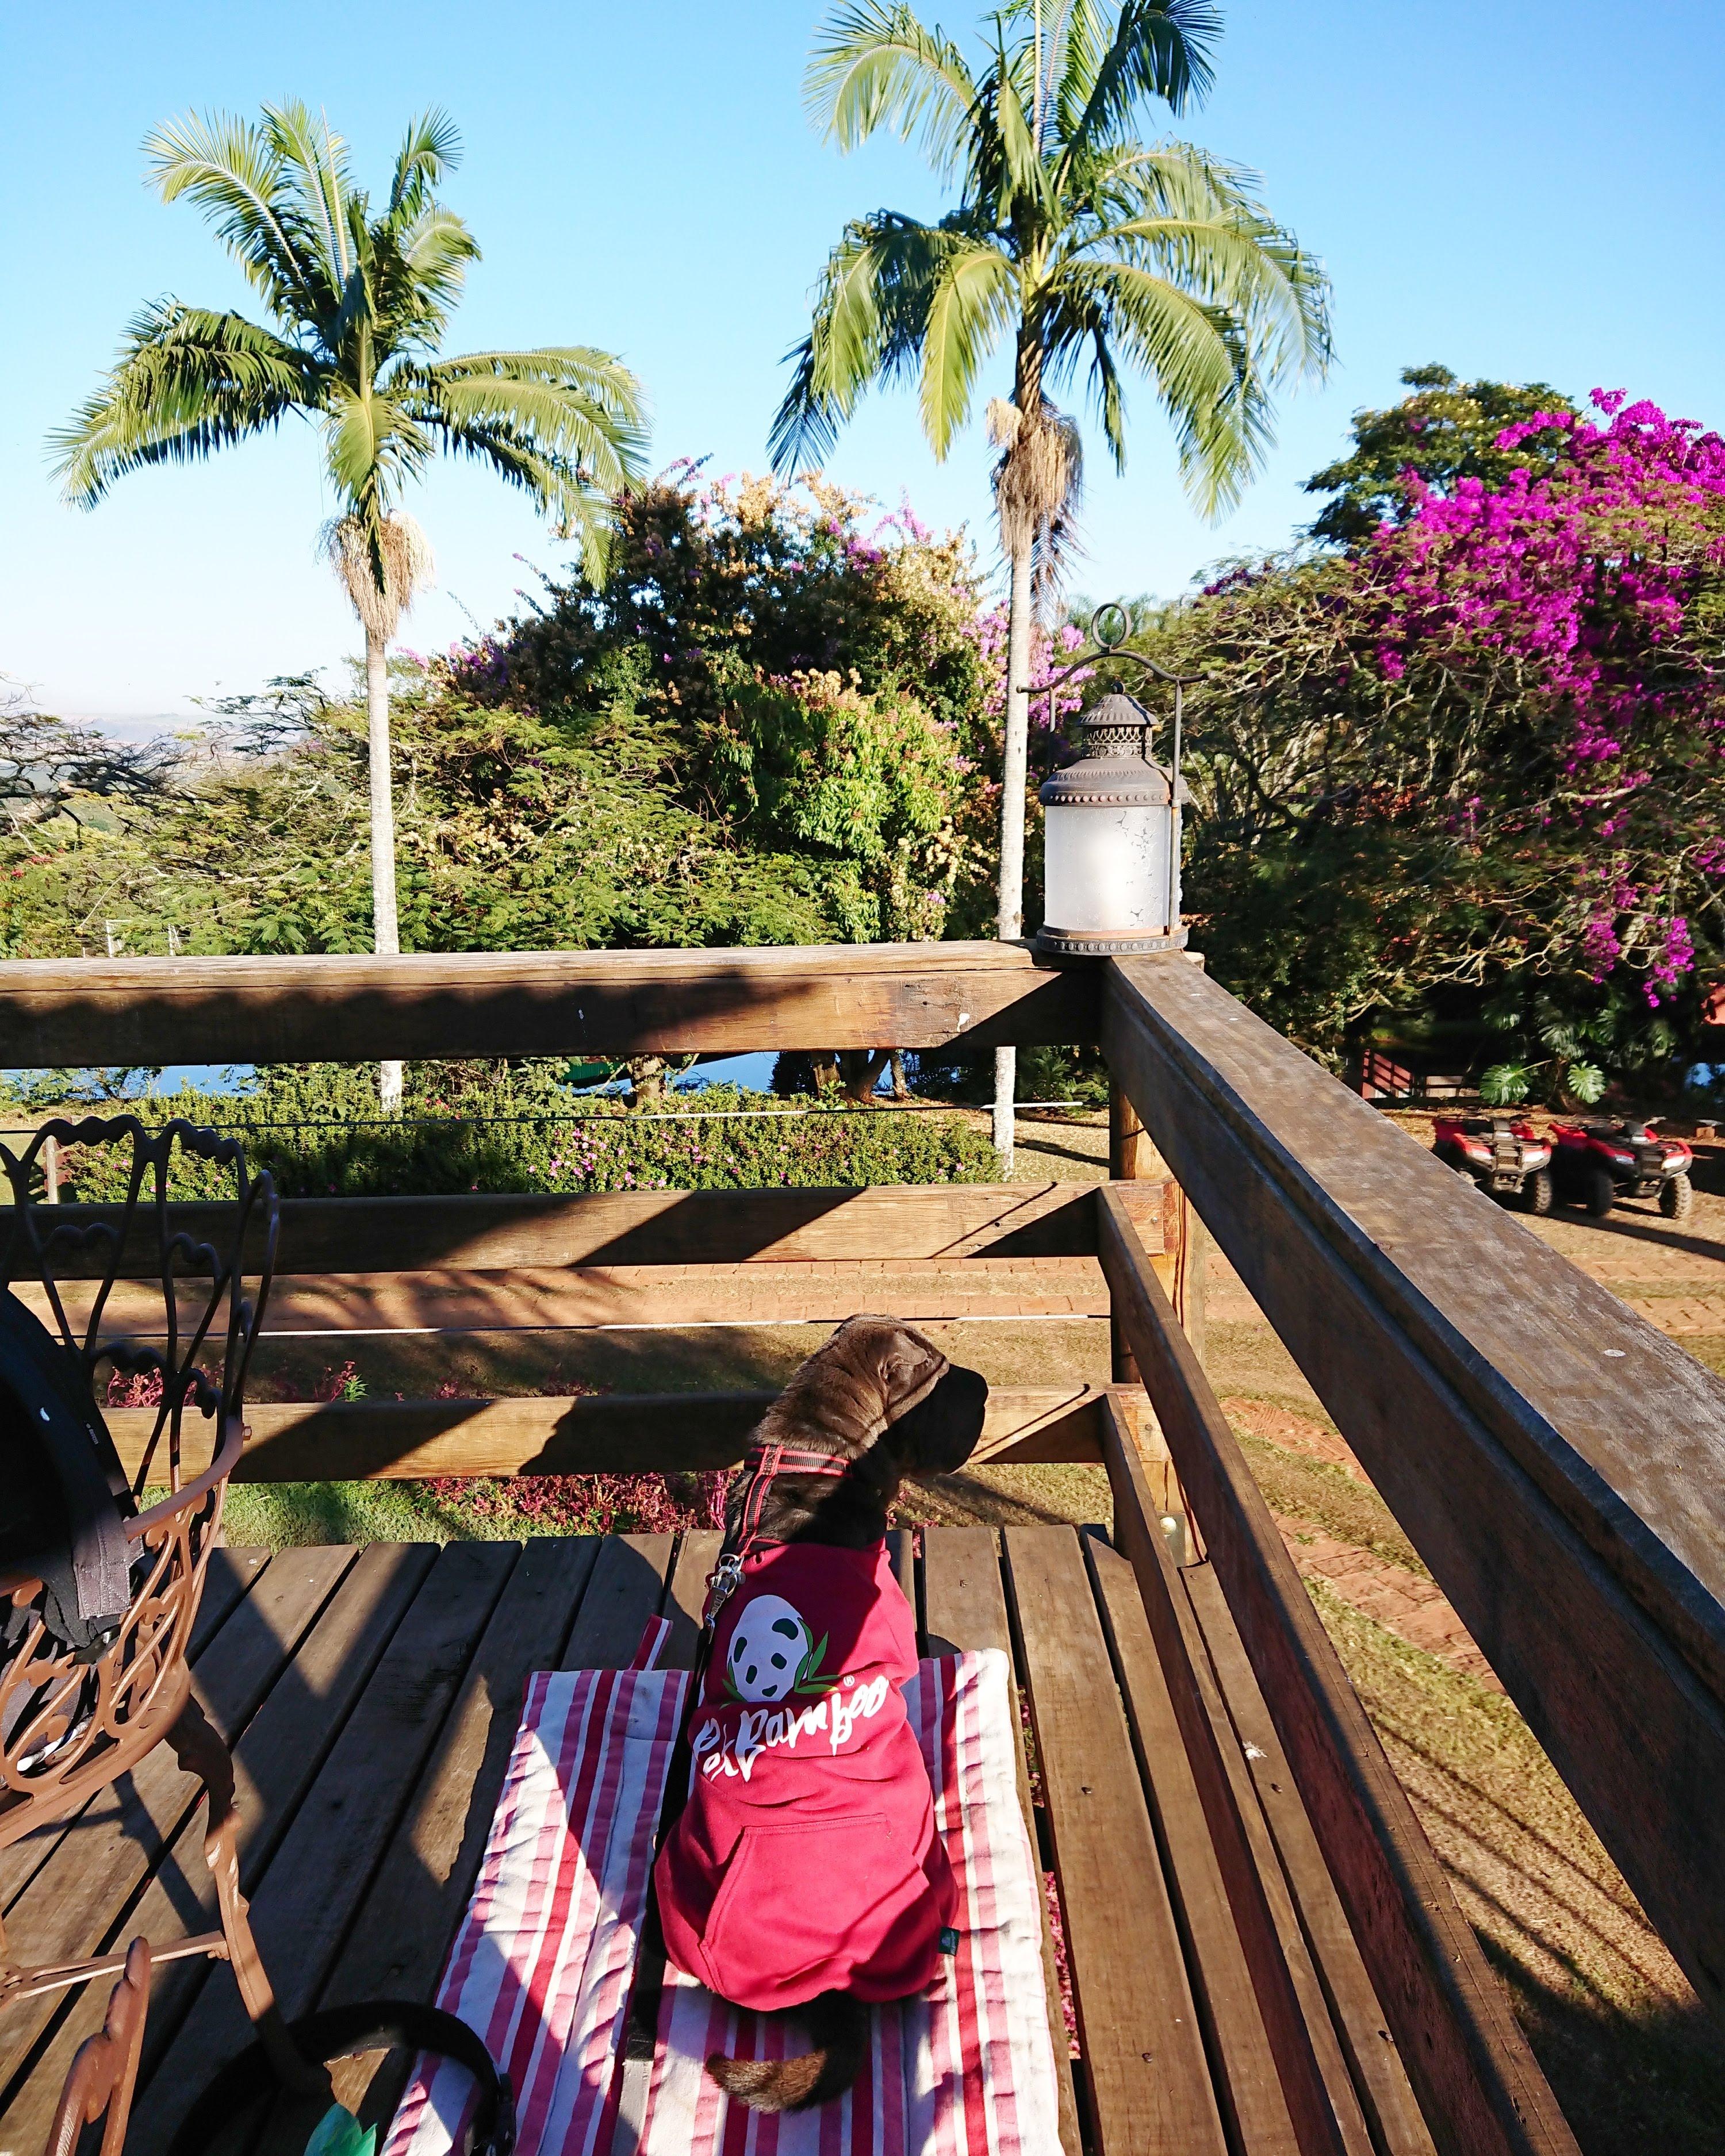 cachorro sentado de costas em deck de madeira com palmeiras ao fundo